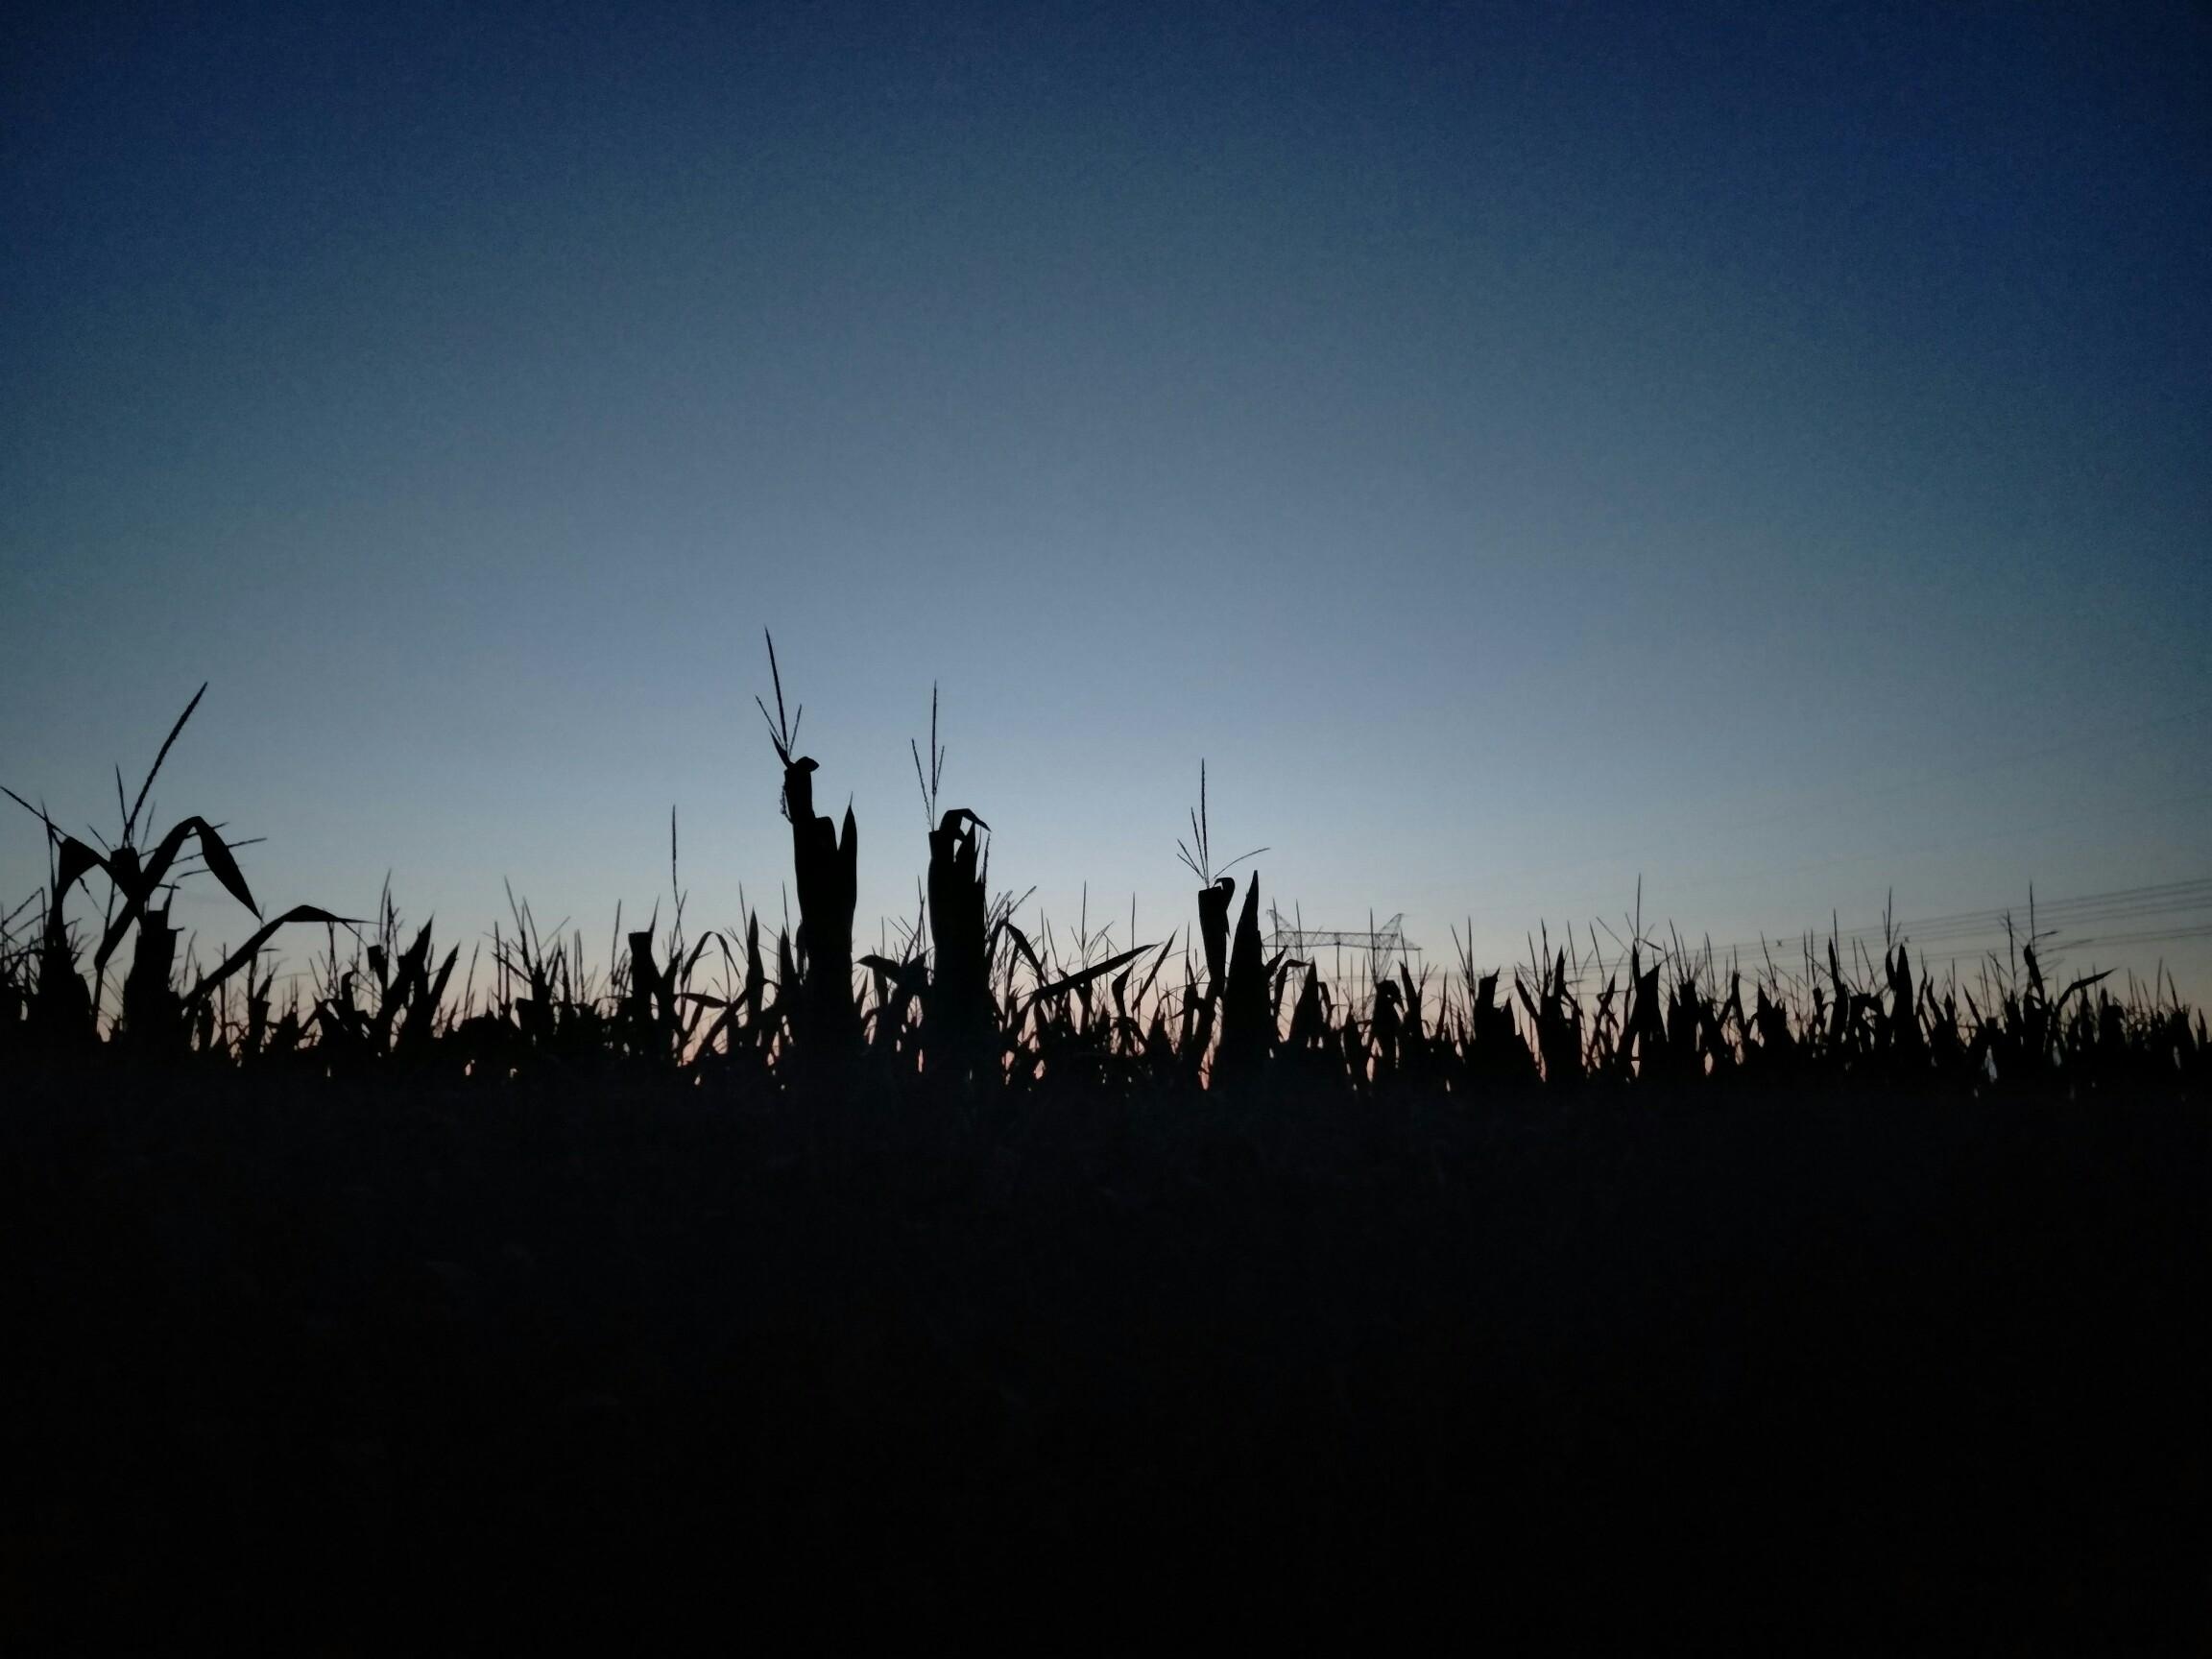 简笔画告诉你为什么夜晚的天空是黑的